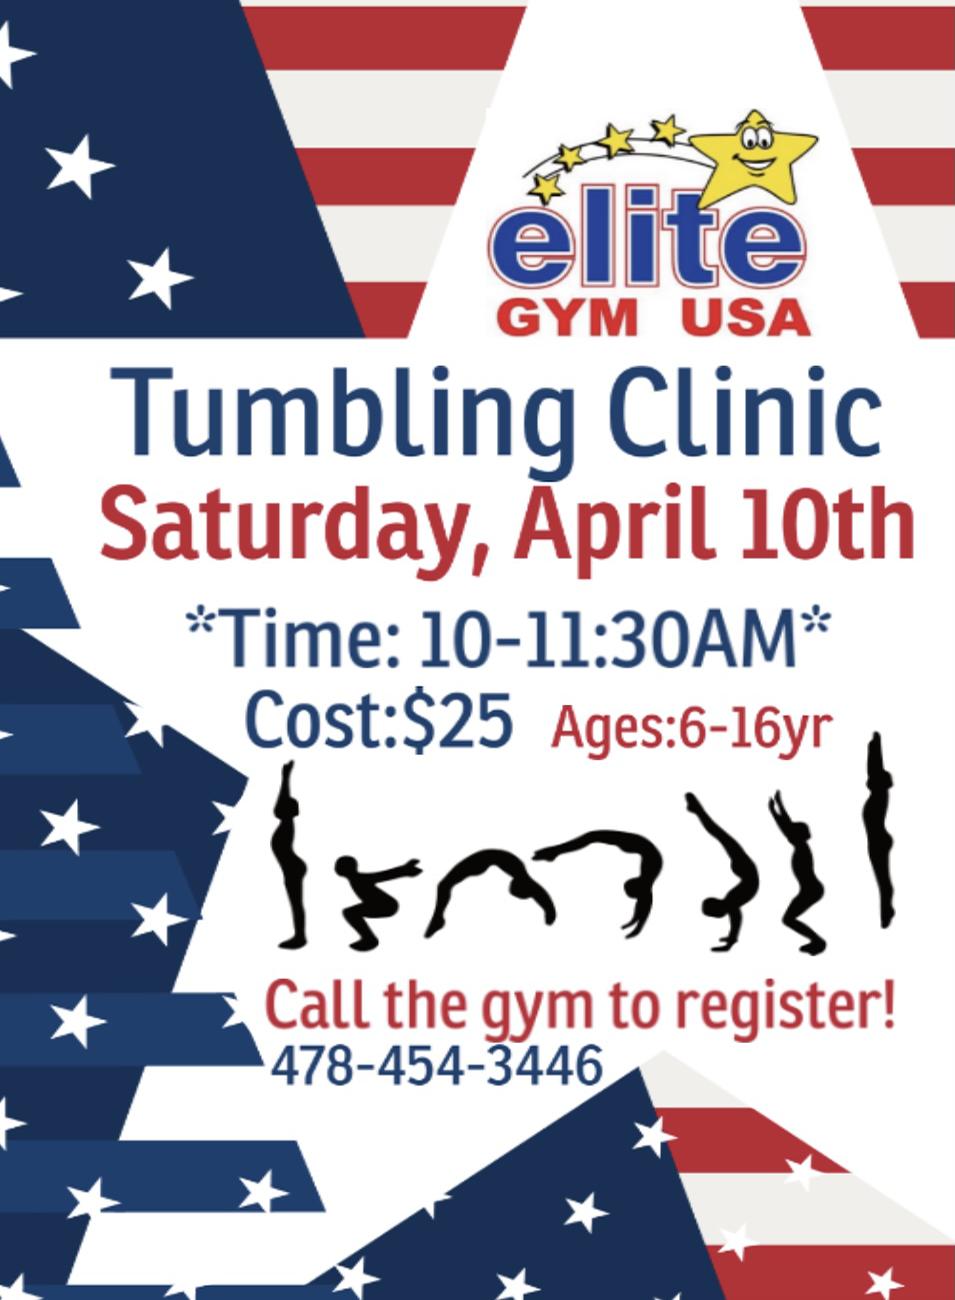 april 10th tumble clinic